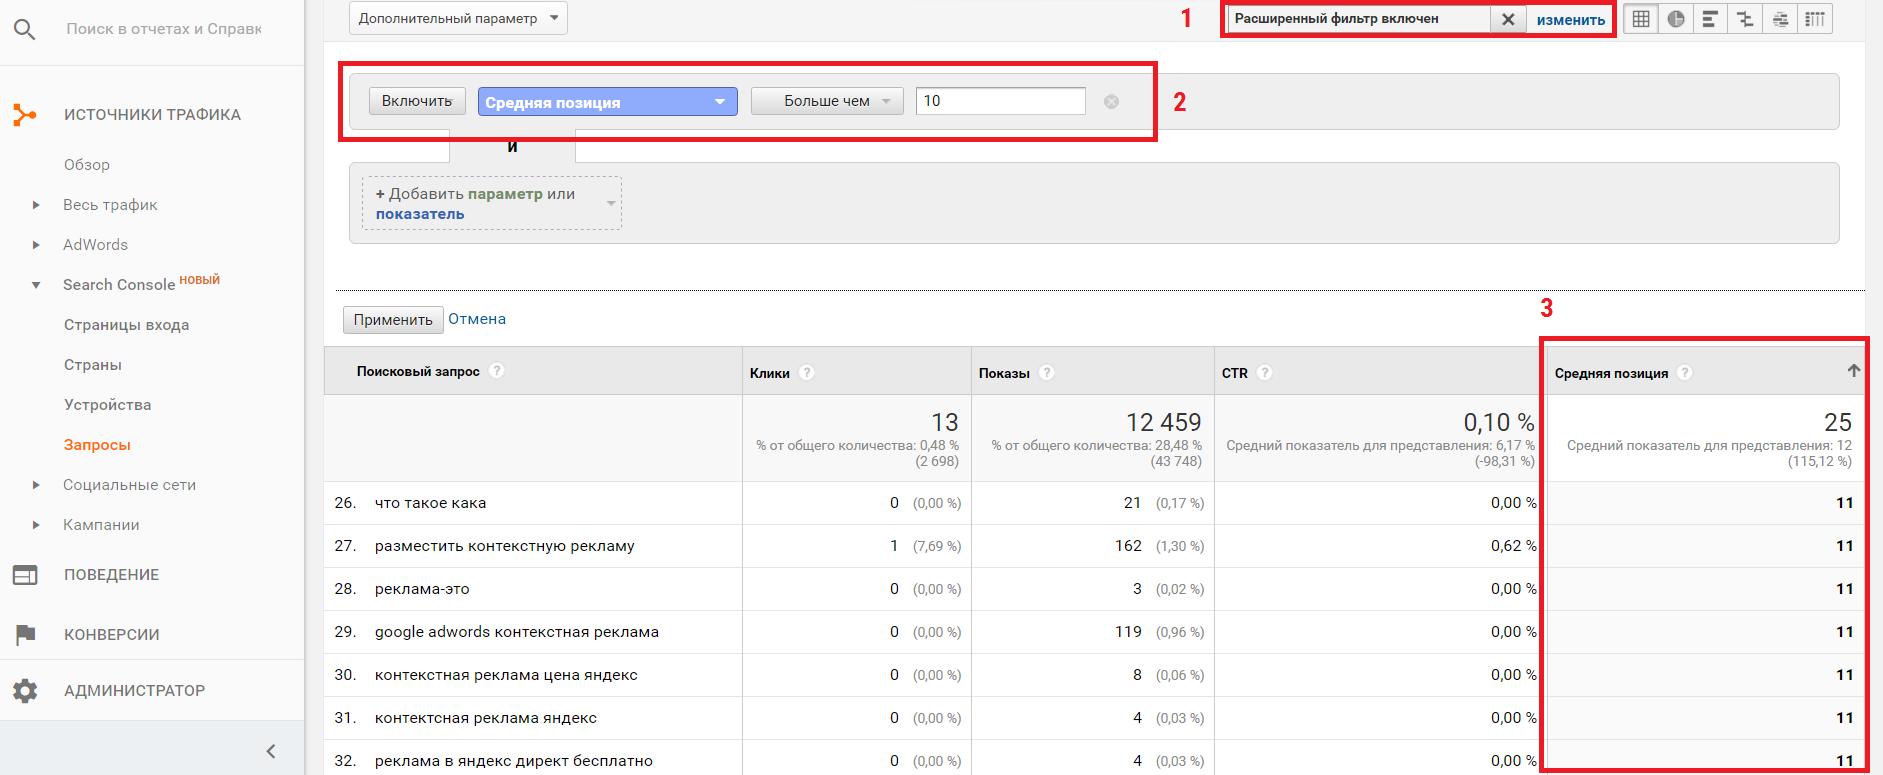 Отчеты google analytics и анализ эффективности кампаний ppc world После того как вы попали в отчет Запросы или Страницы входа для анализа расположения конкретных страниц настройте расширенный фильтр